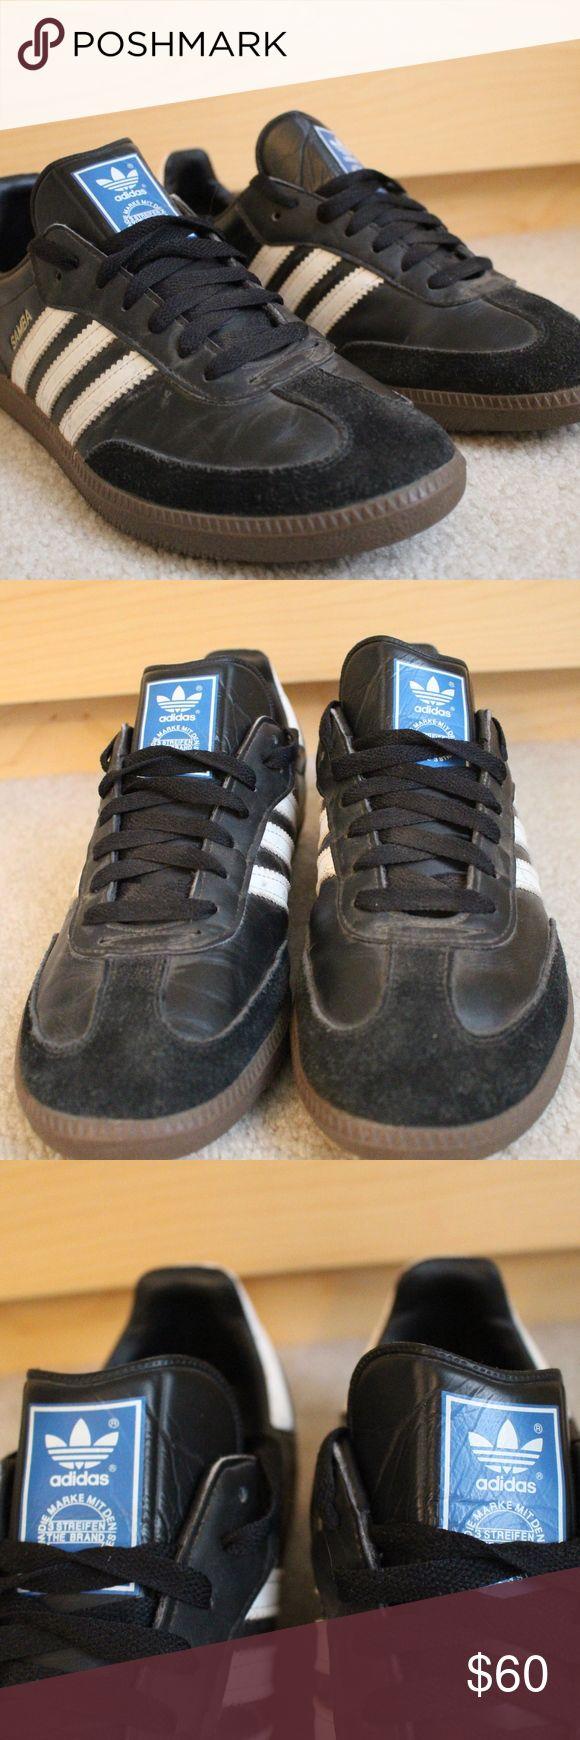 Adidas Samba Shoes Women Size 9.5 Lightly used women's Adidas Samba Shoes. Black and white, classic style. Women's size 9.5. adidas Shoes Sneakers